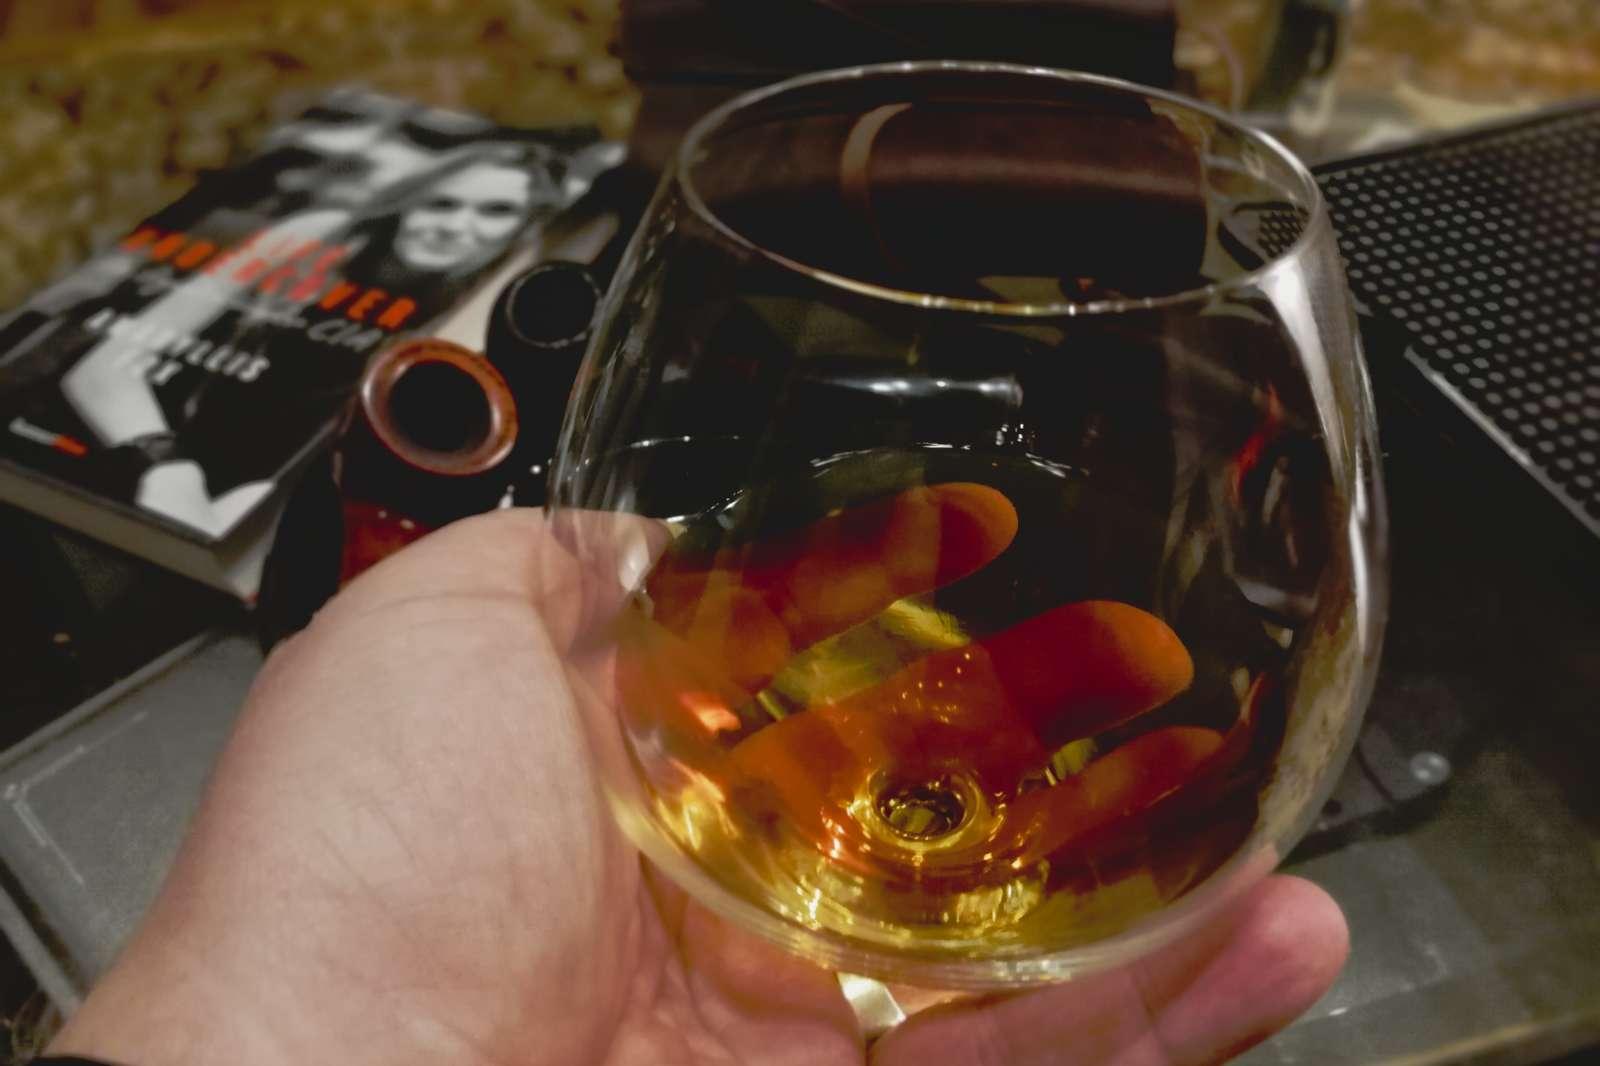 Cognacgläser kaufen - Cognacschwenker